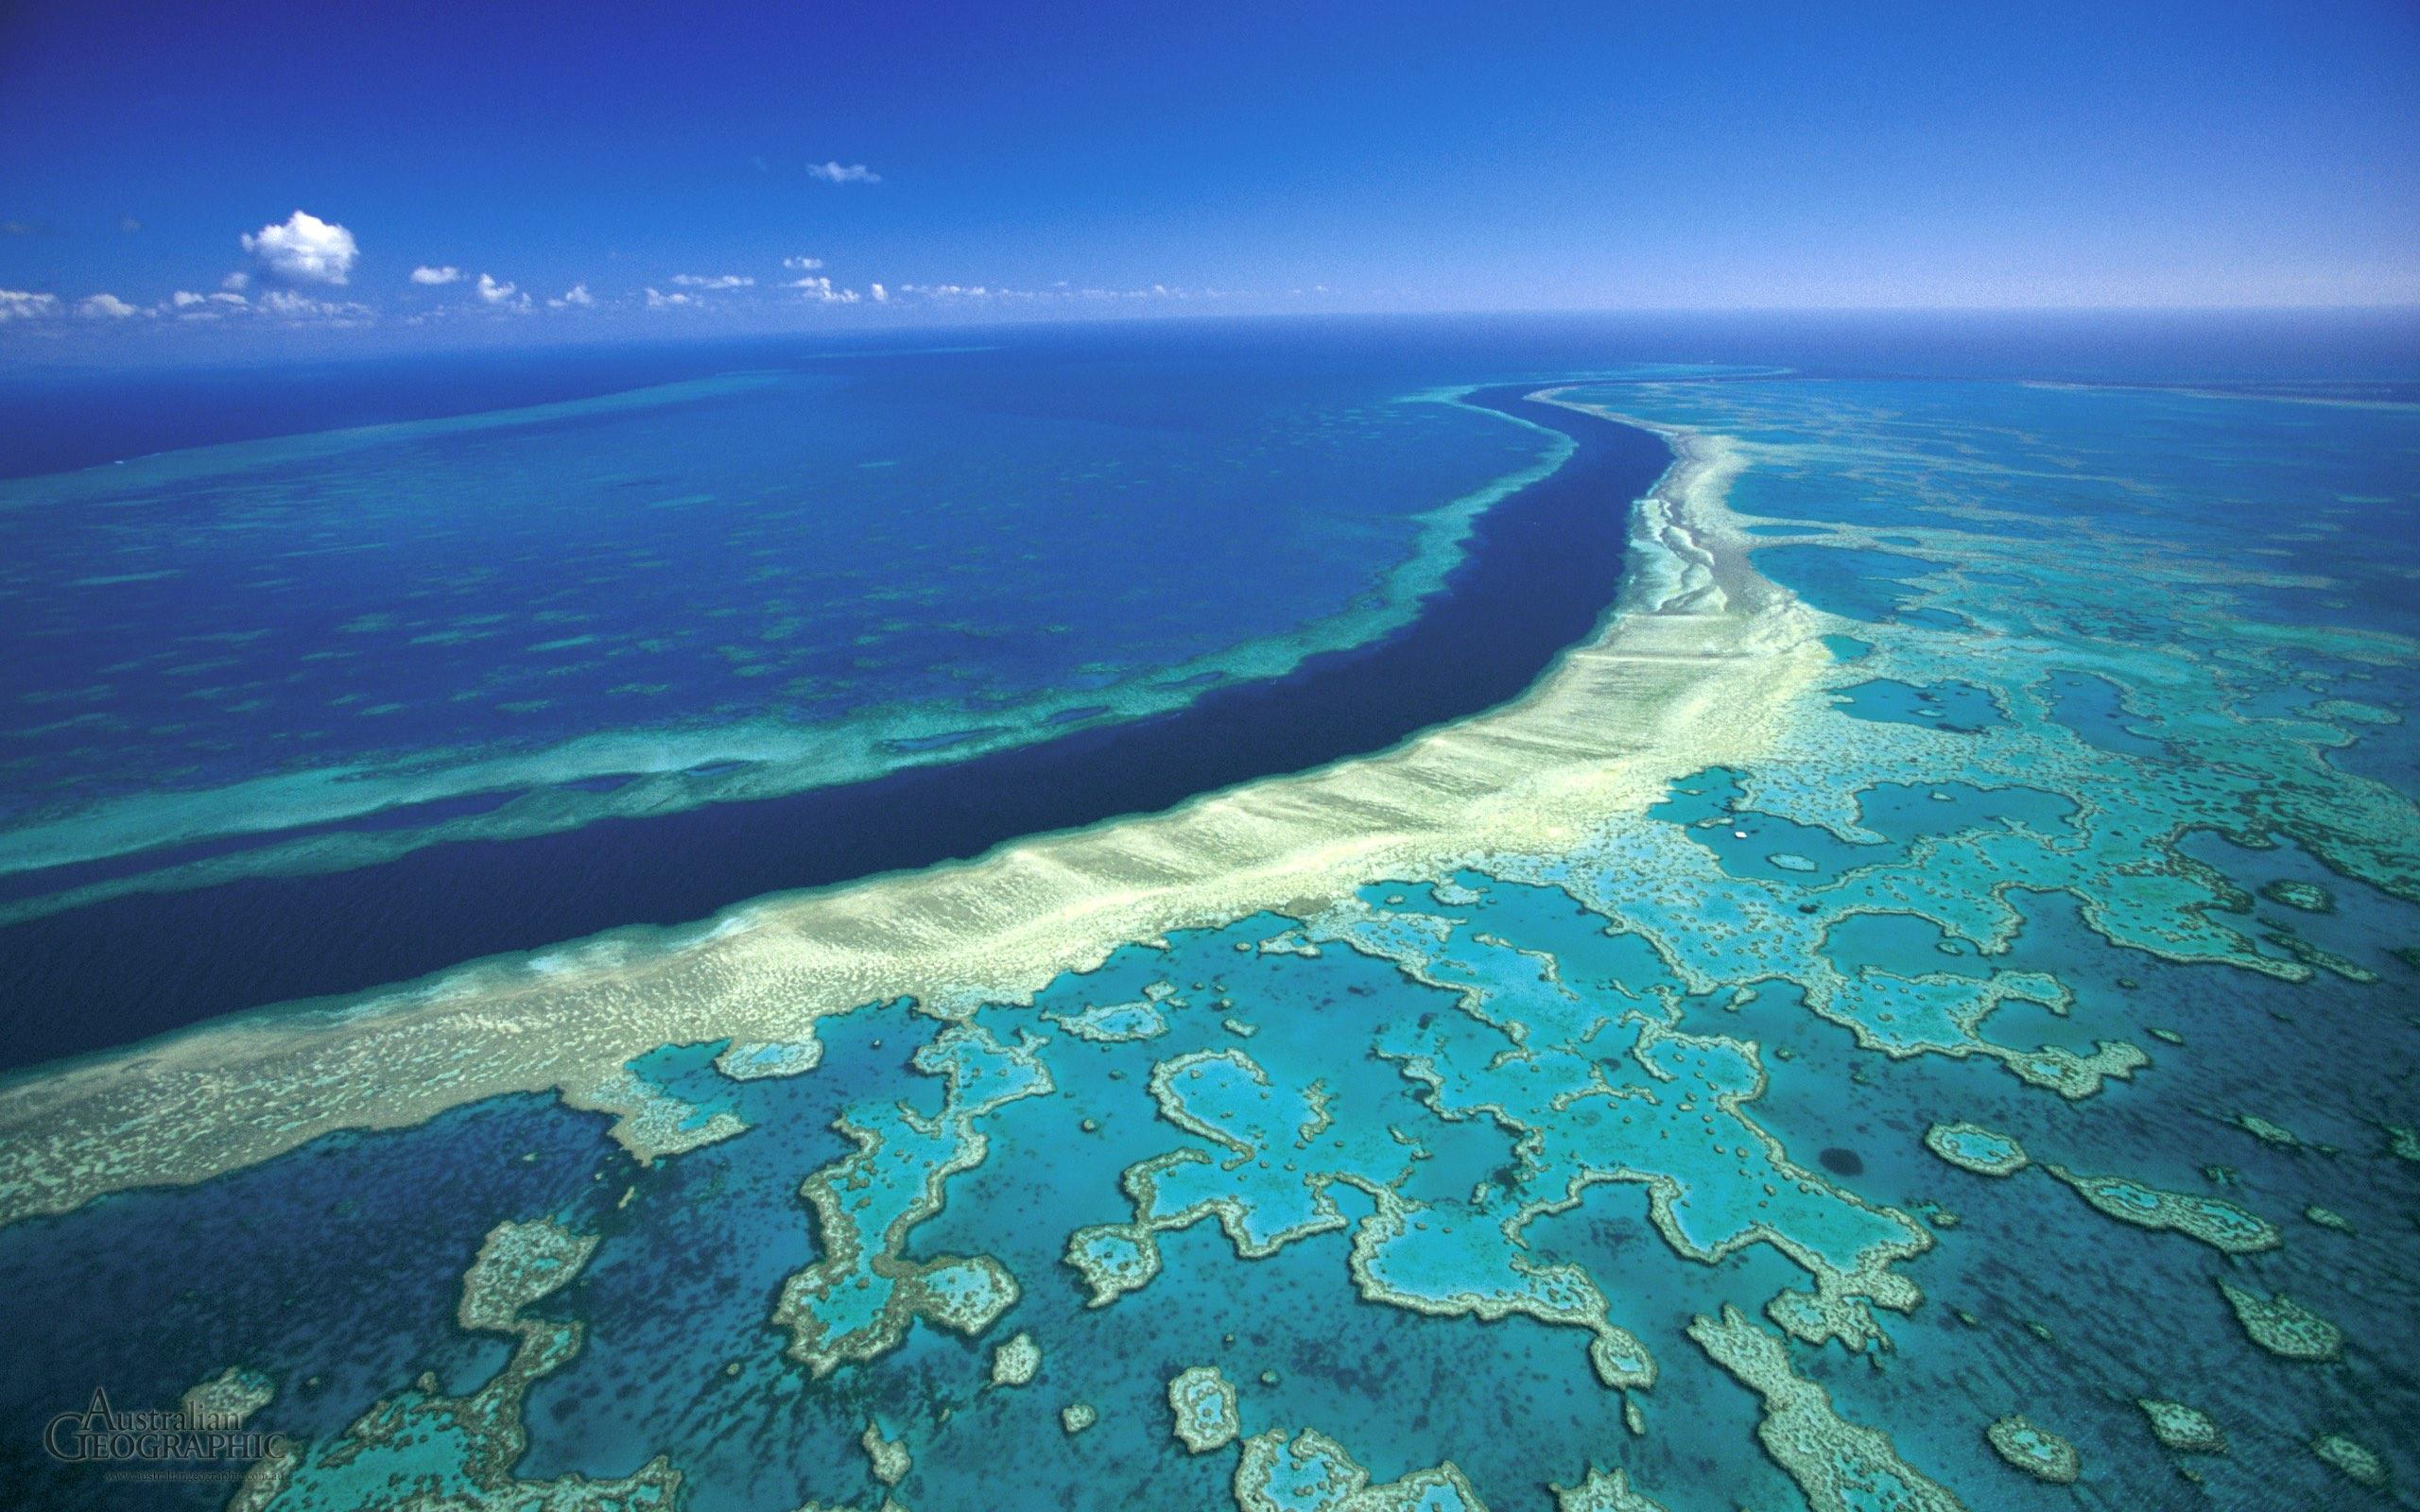 Trei locuri uimitoare de pe Pământ, care ar putea dispărea! Consecințele schimbărilor climatice